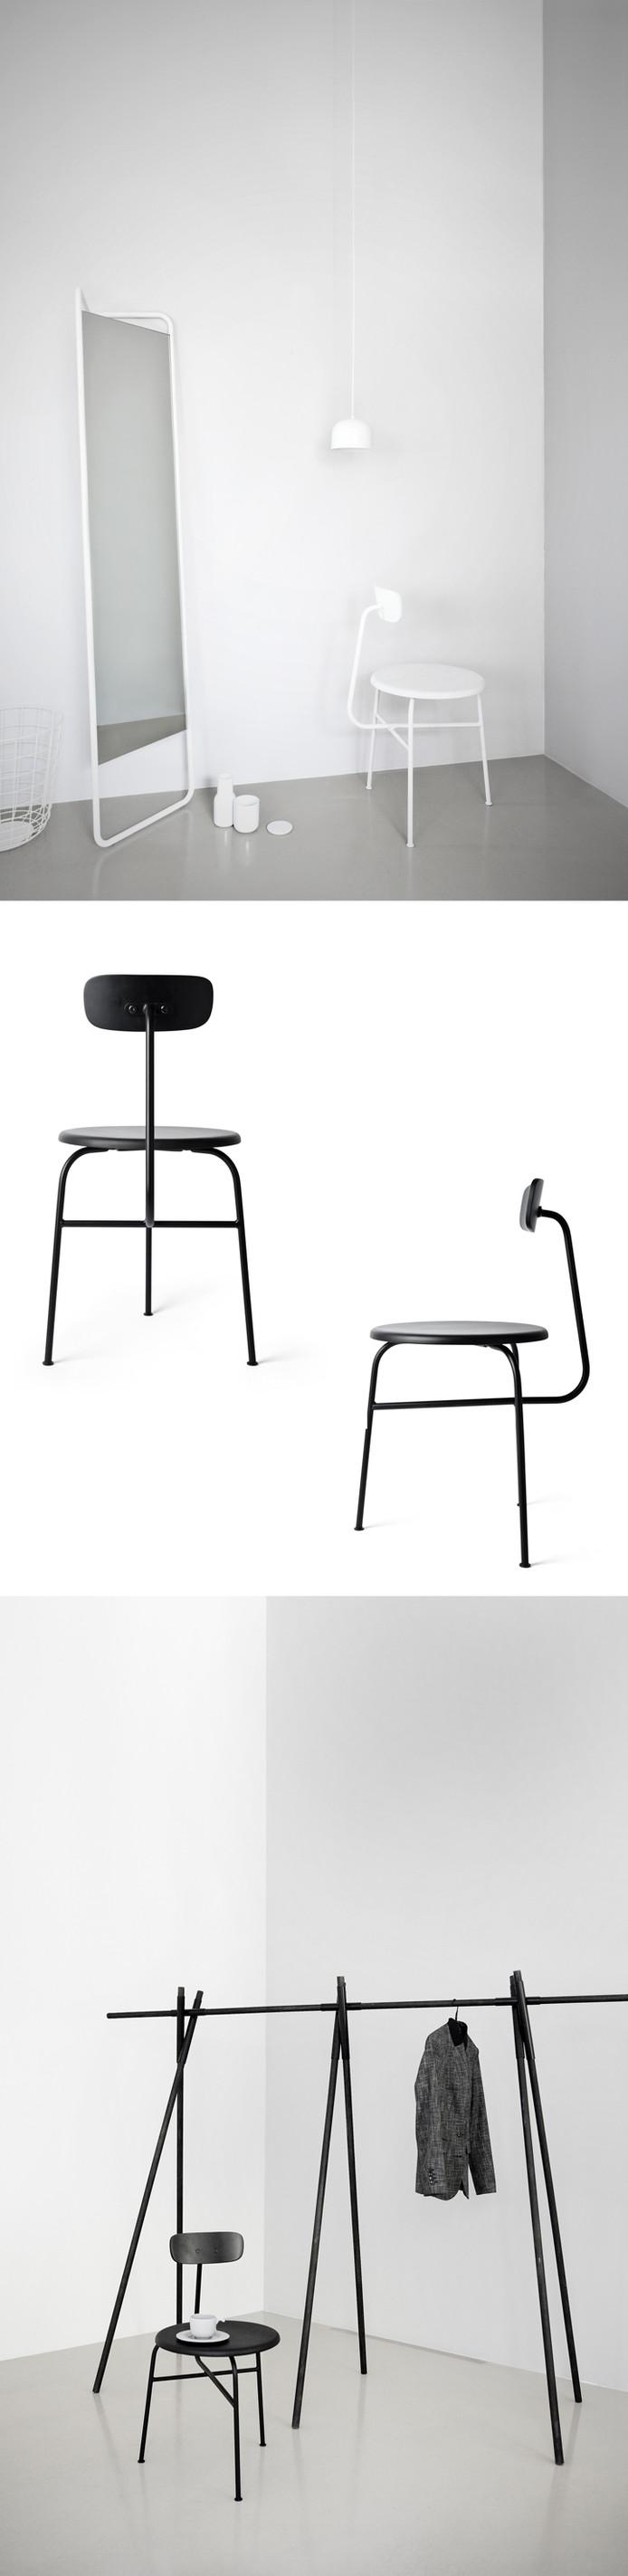 Fairs I Chair #01 For Menu